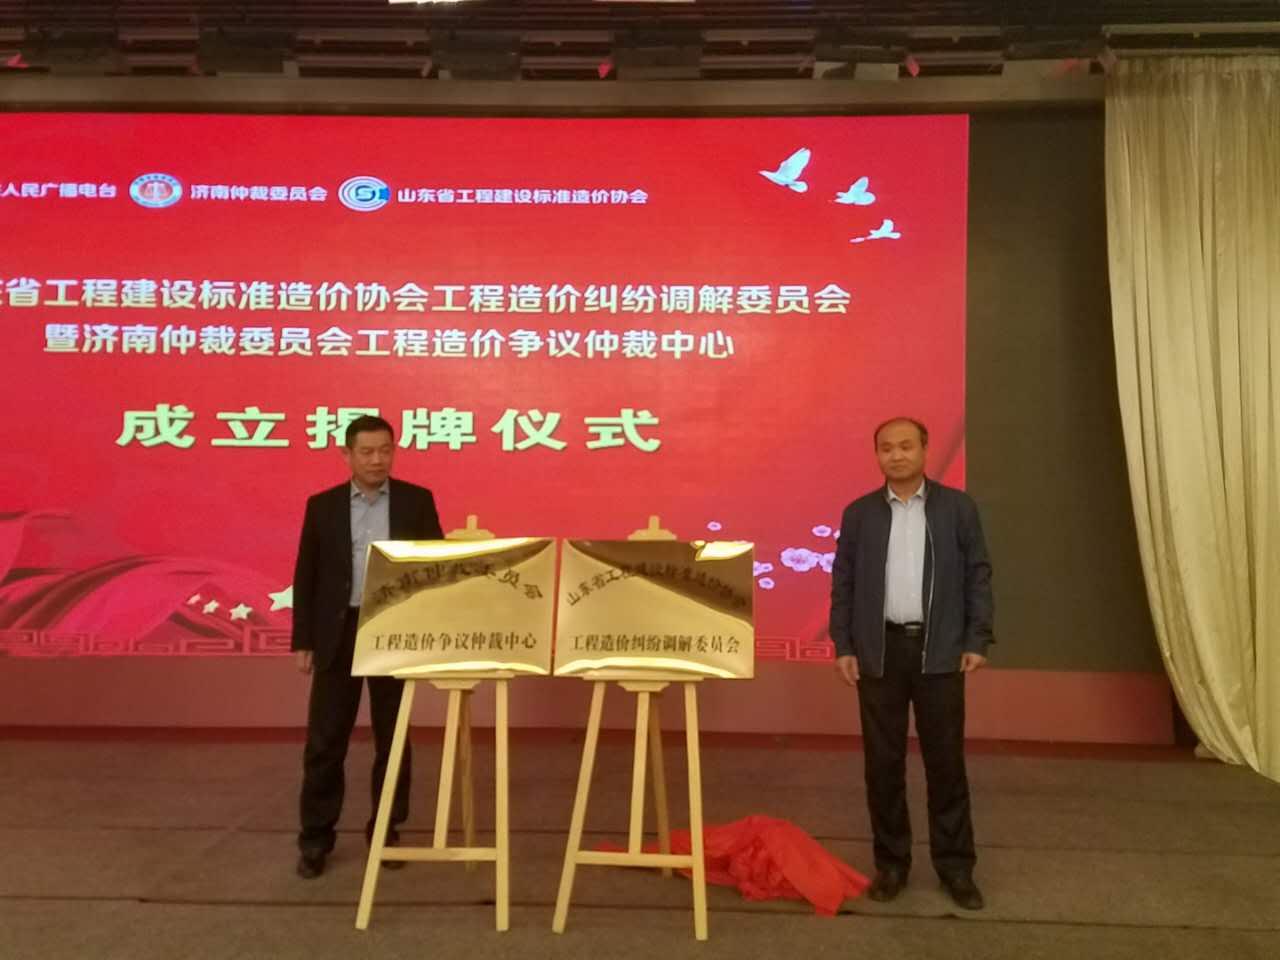 全国首家工程造价行业仲裁办事机构揭牌成立